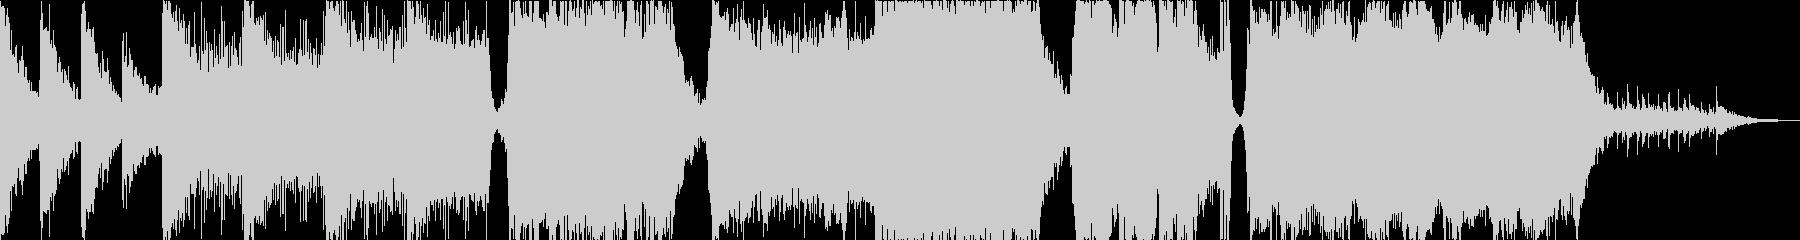 ハイブリッドオーケストラ トレイラーの未再生の波形